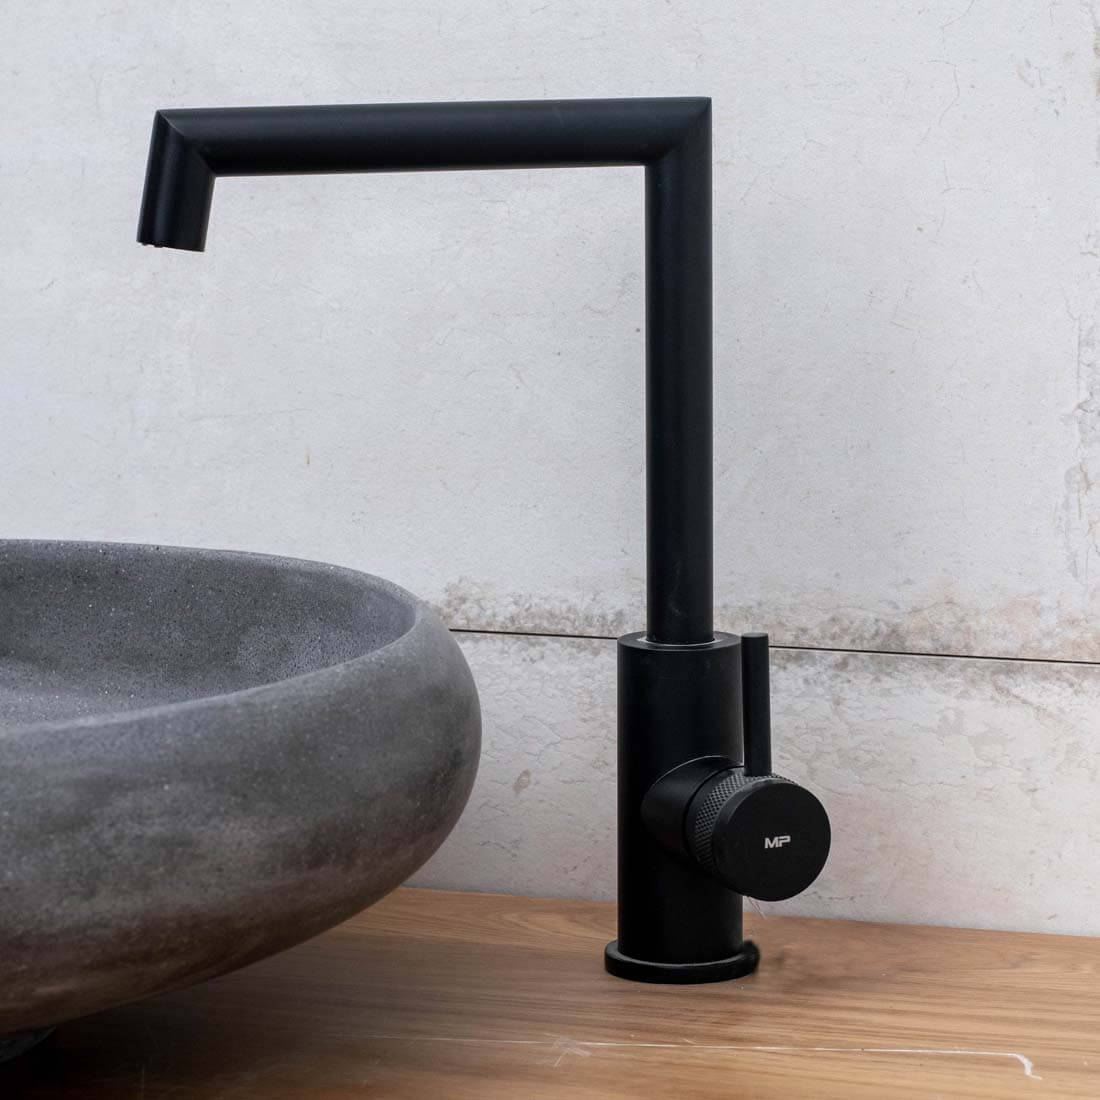 ברז אמבטיה - בונטון פדרו שחור מט